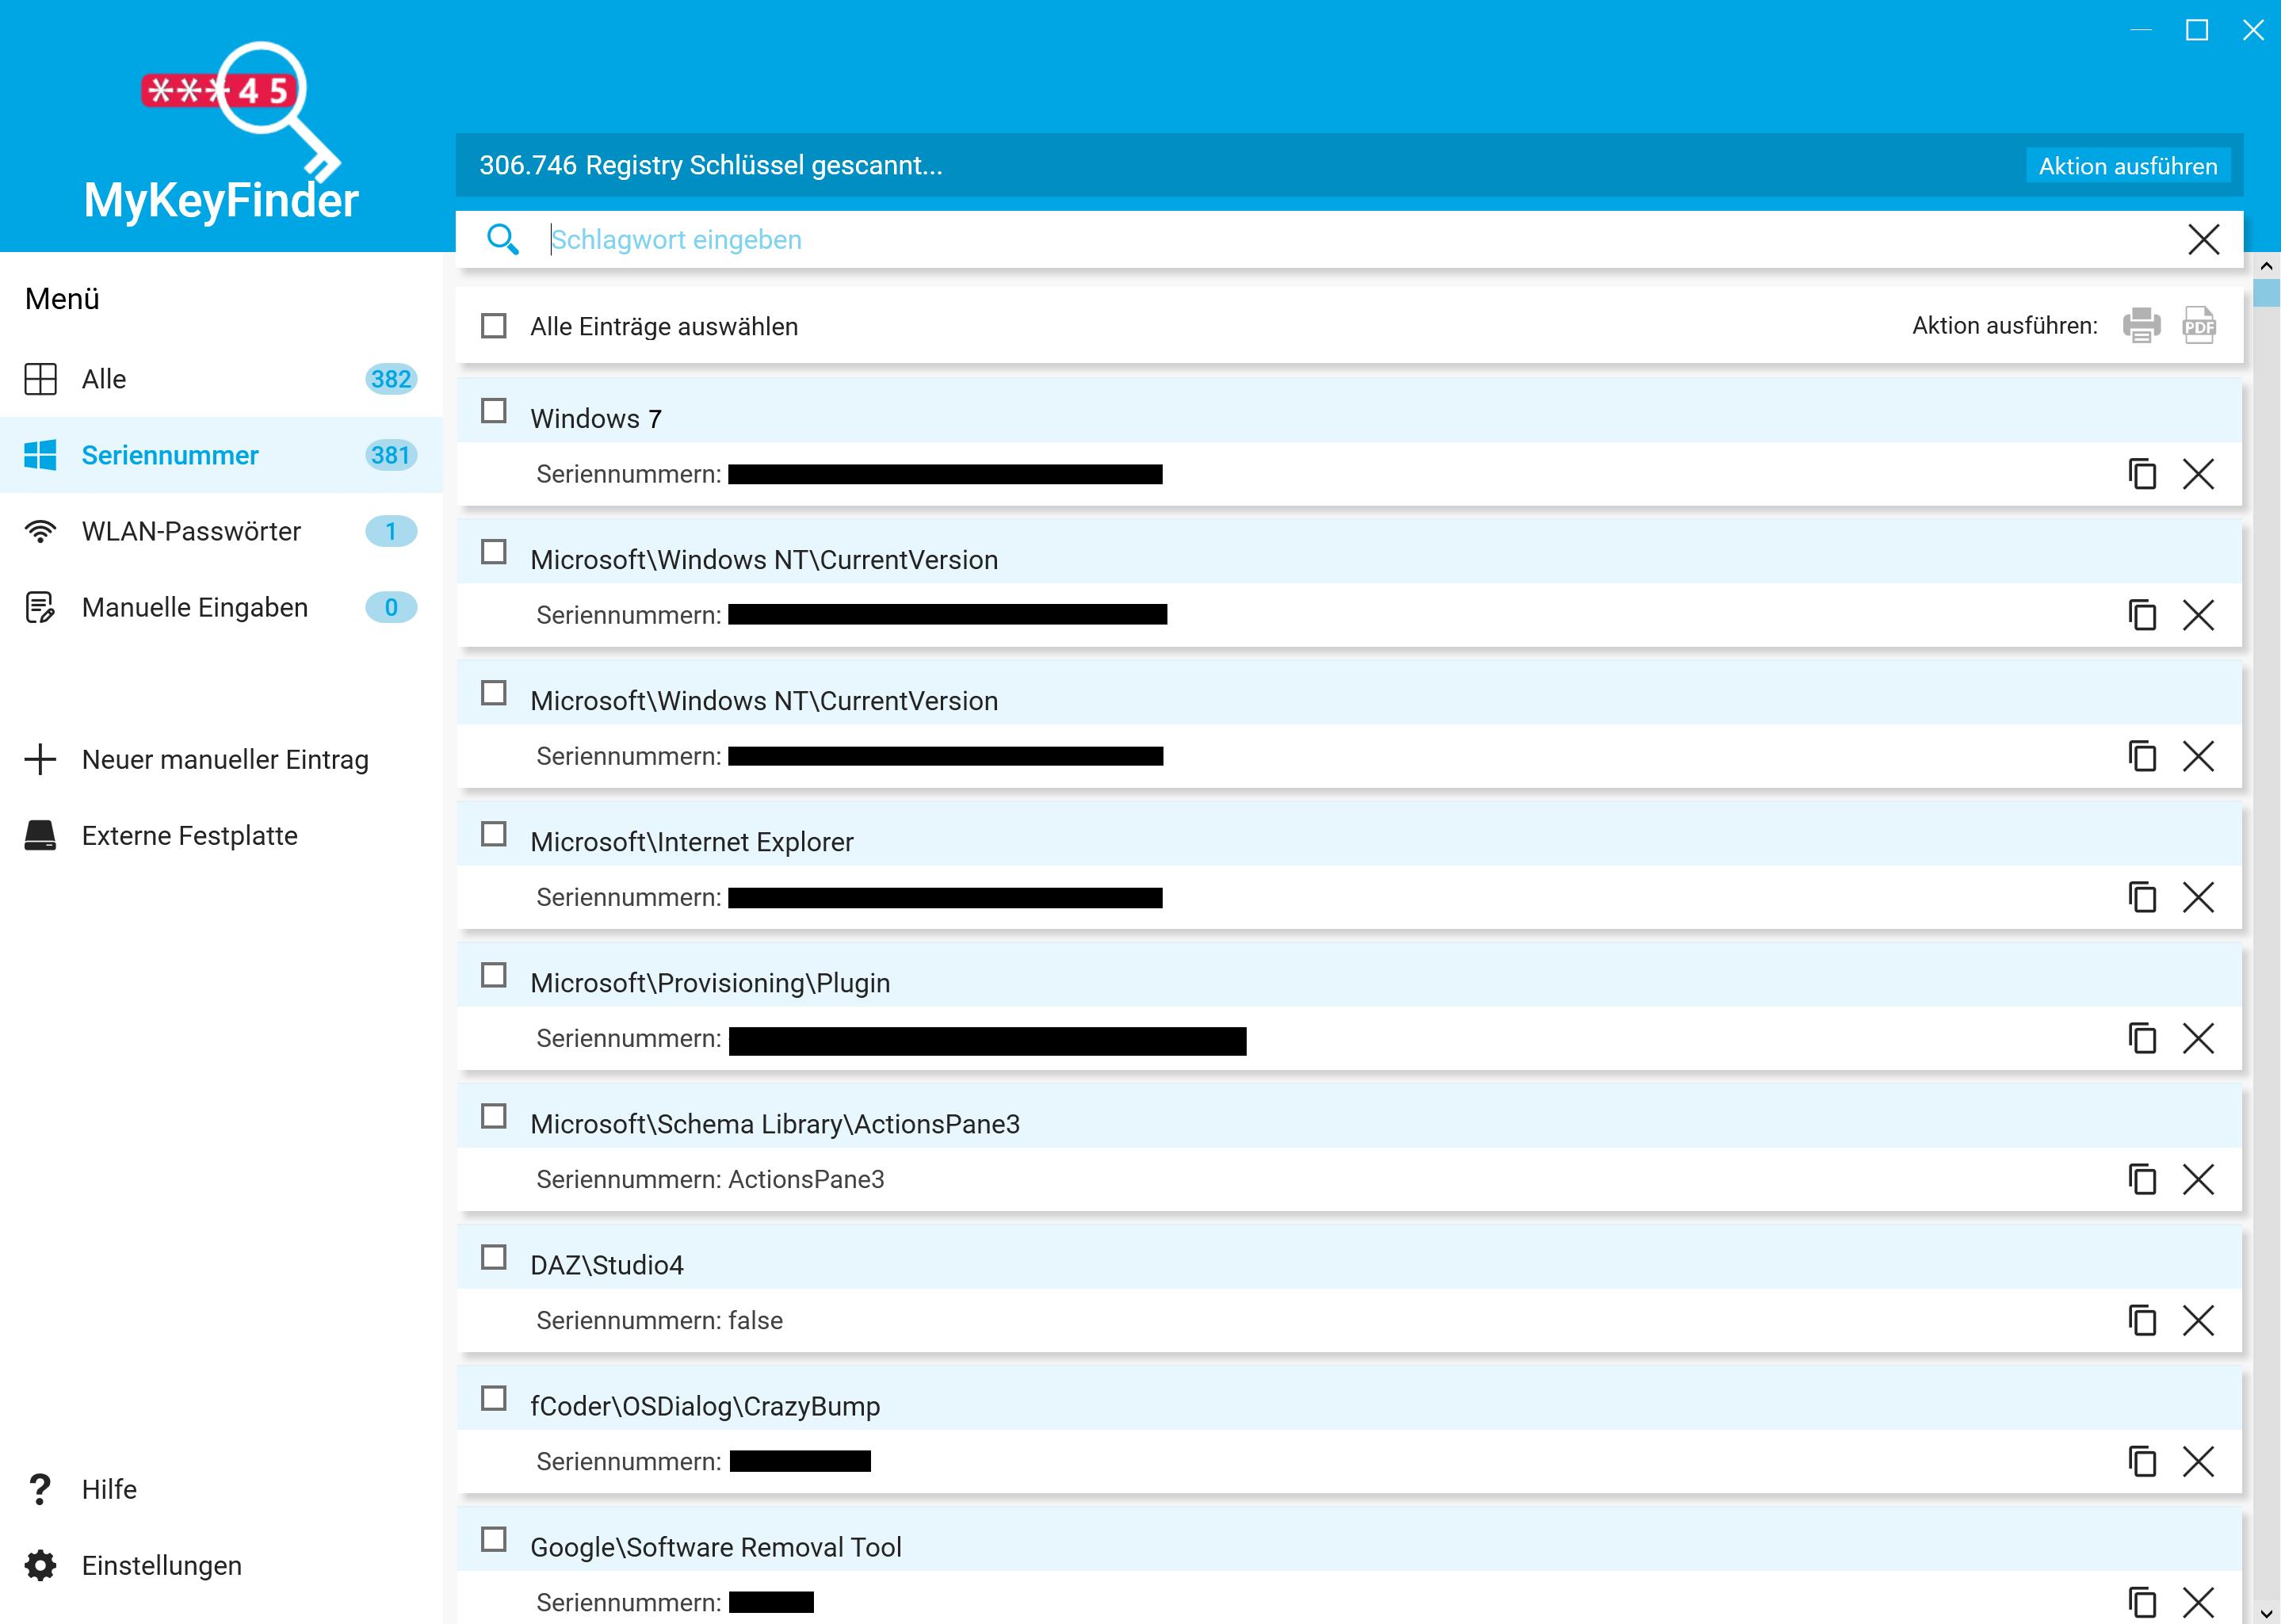 Windows 7 Key auslesen und herausfinden - Suche benutzen